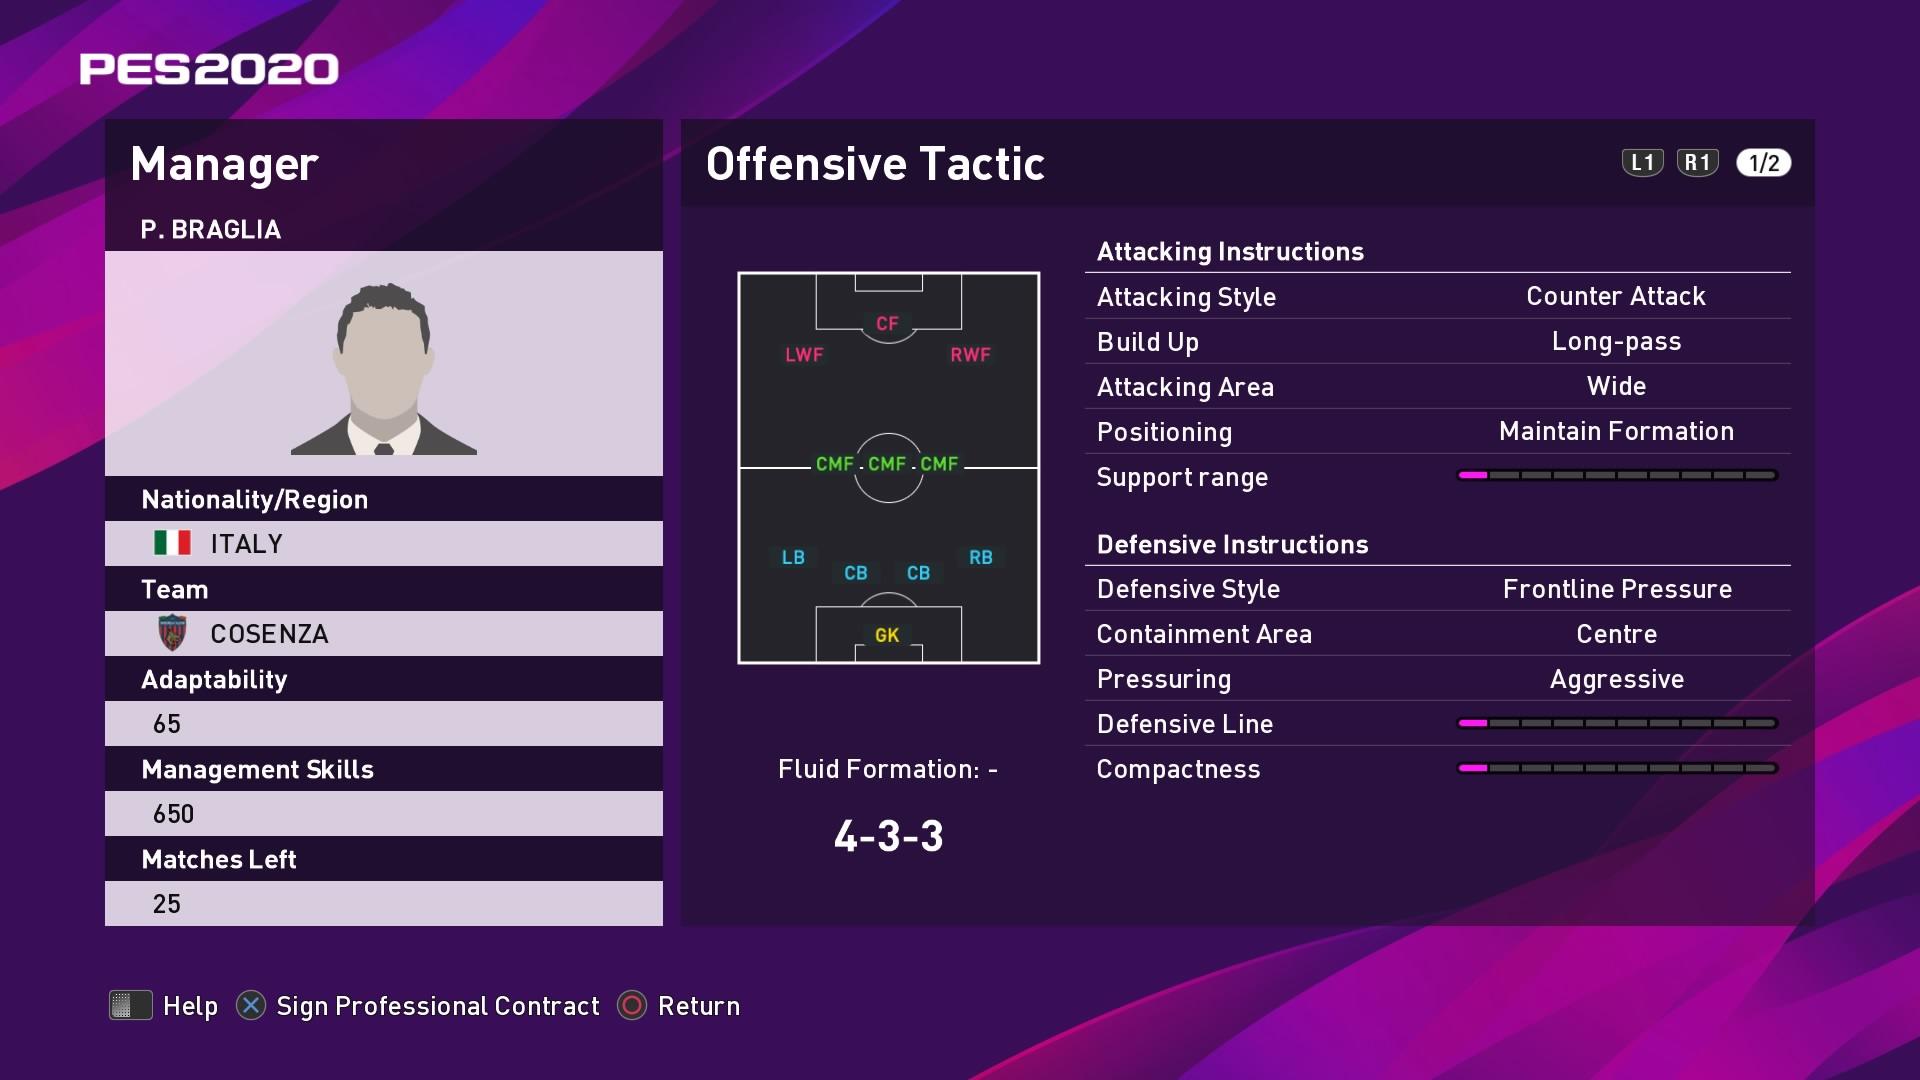 P. Braglia (2) (Piero Braglia) Offensive Tactic in PES 2020 myClub